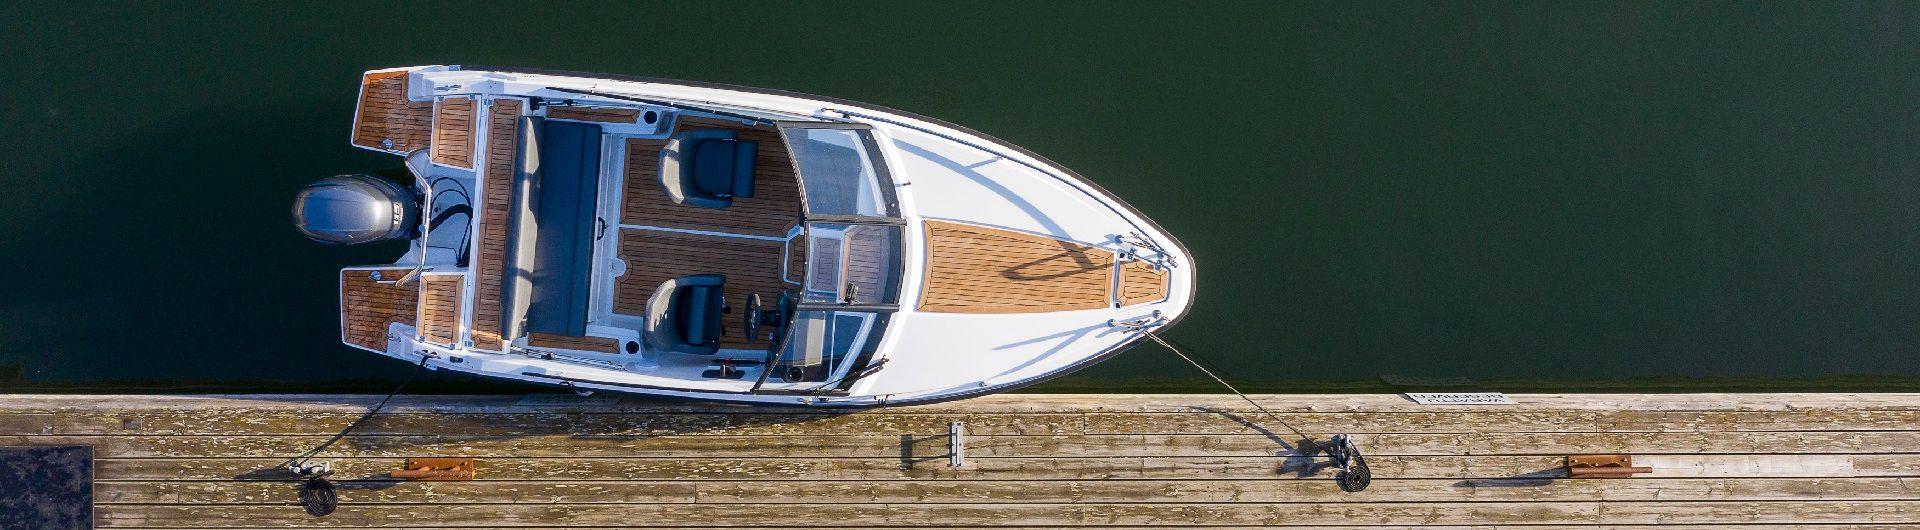 Sportboot Yamarin 60 Daycruiser